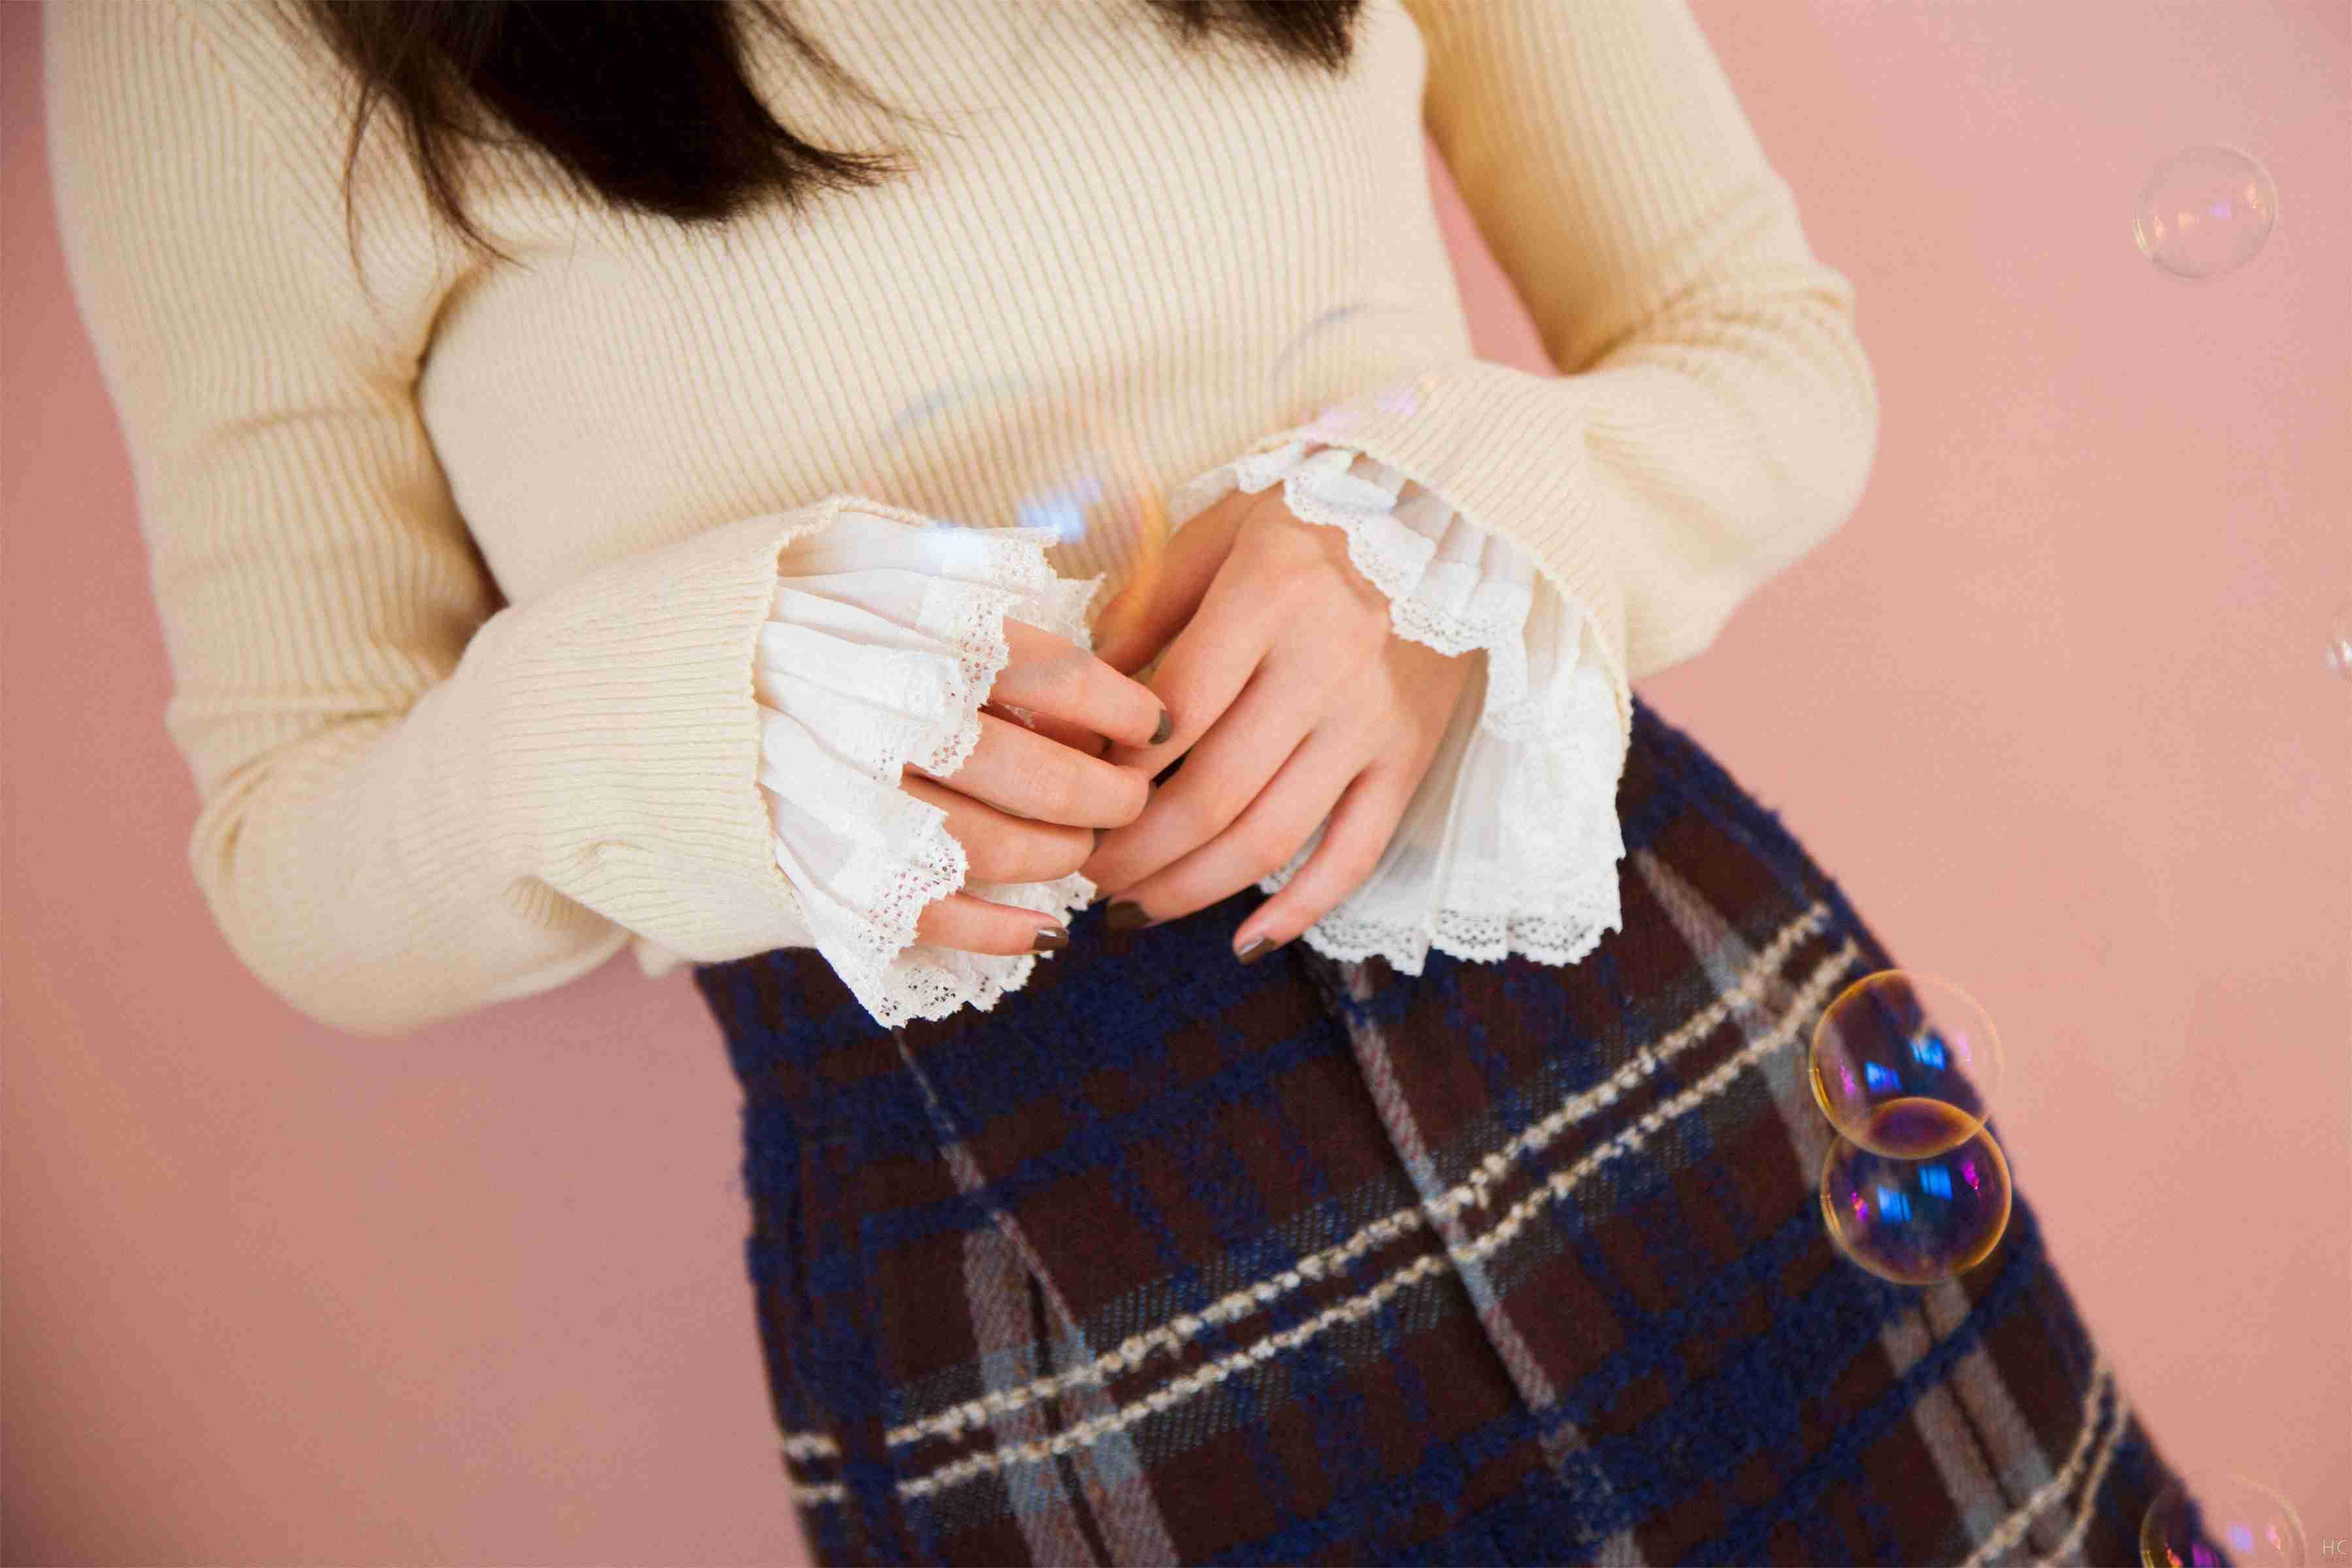 福原遥×白石隼也「グッドモーニング・コール」実写化続編が決定 杉野遥亮ら新キャスト発表